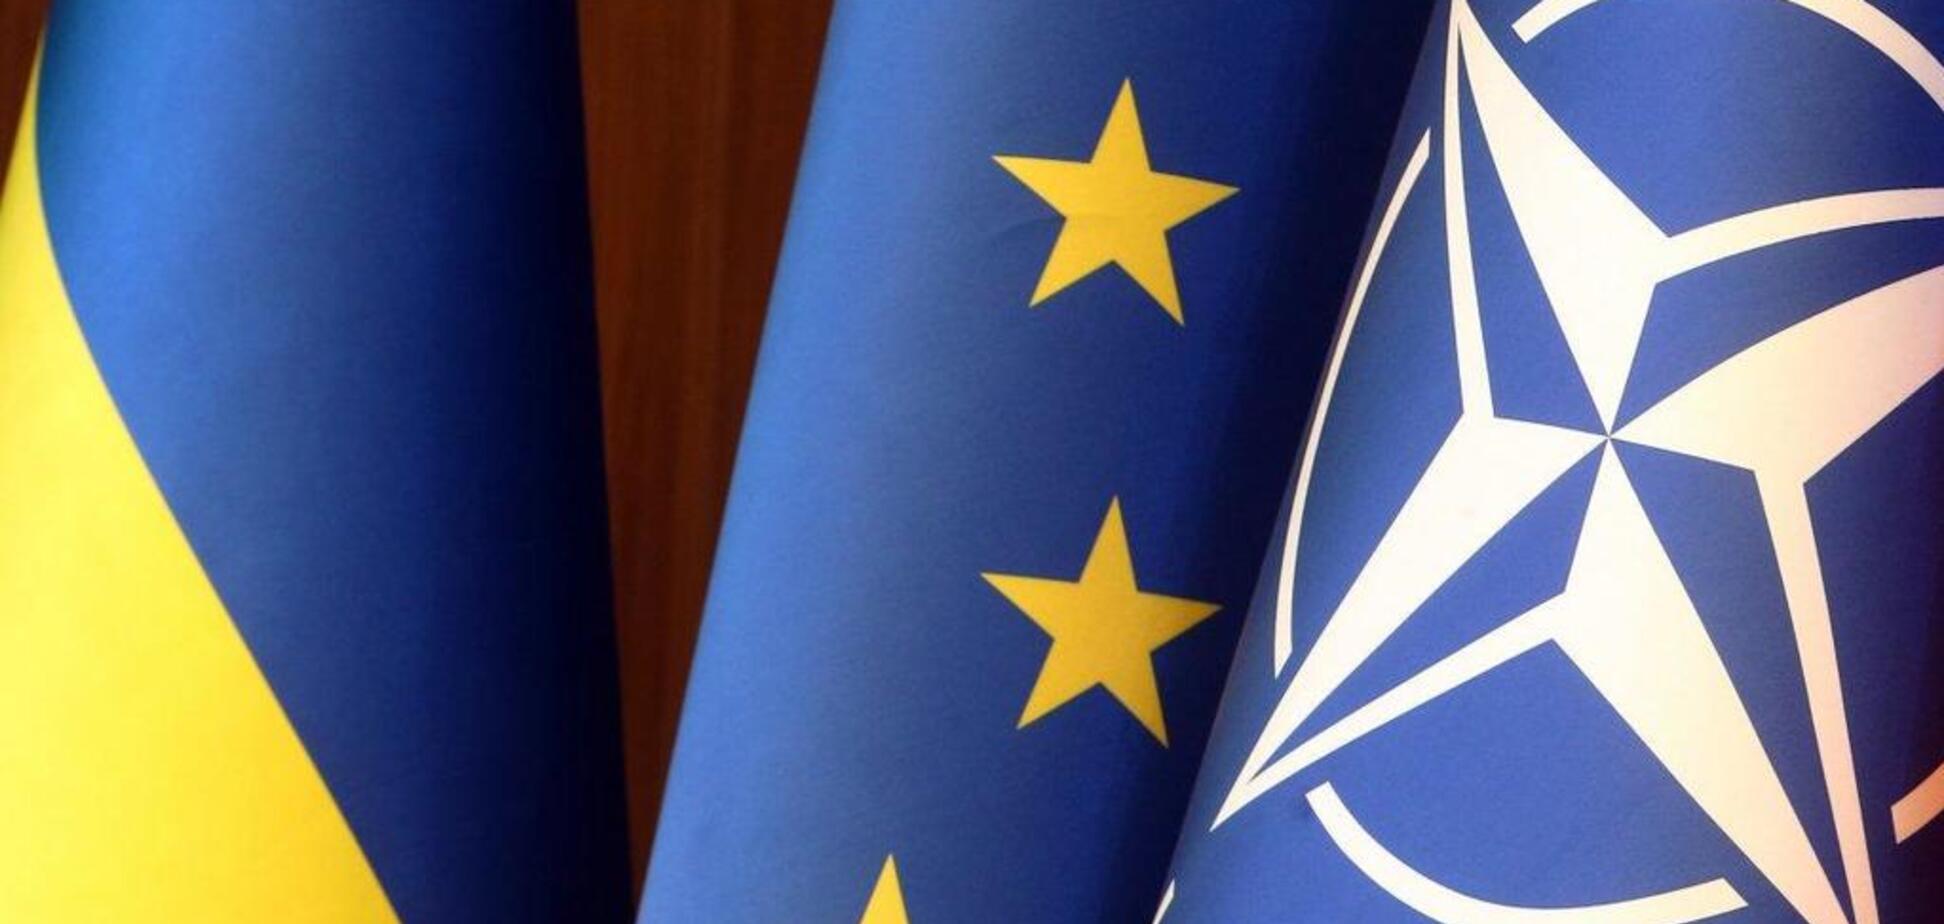 ''Квиток на війну'': дипломат пояснив, чому курс на ЄС і НАТО не допоможе Україні